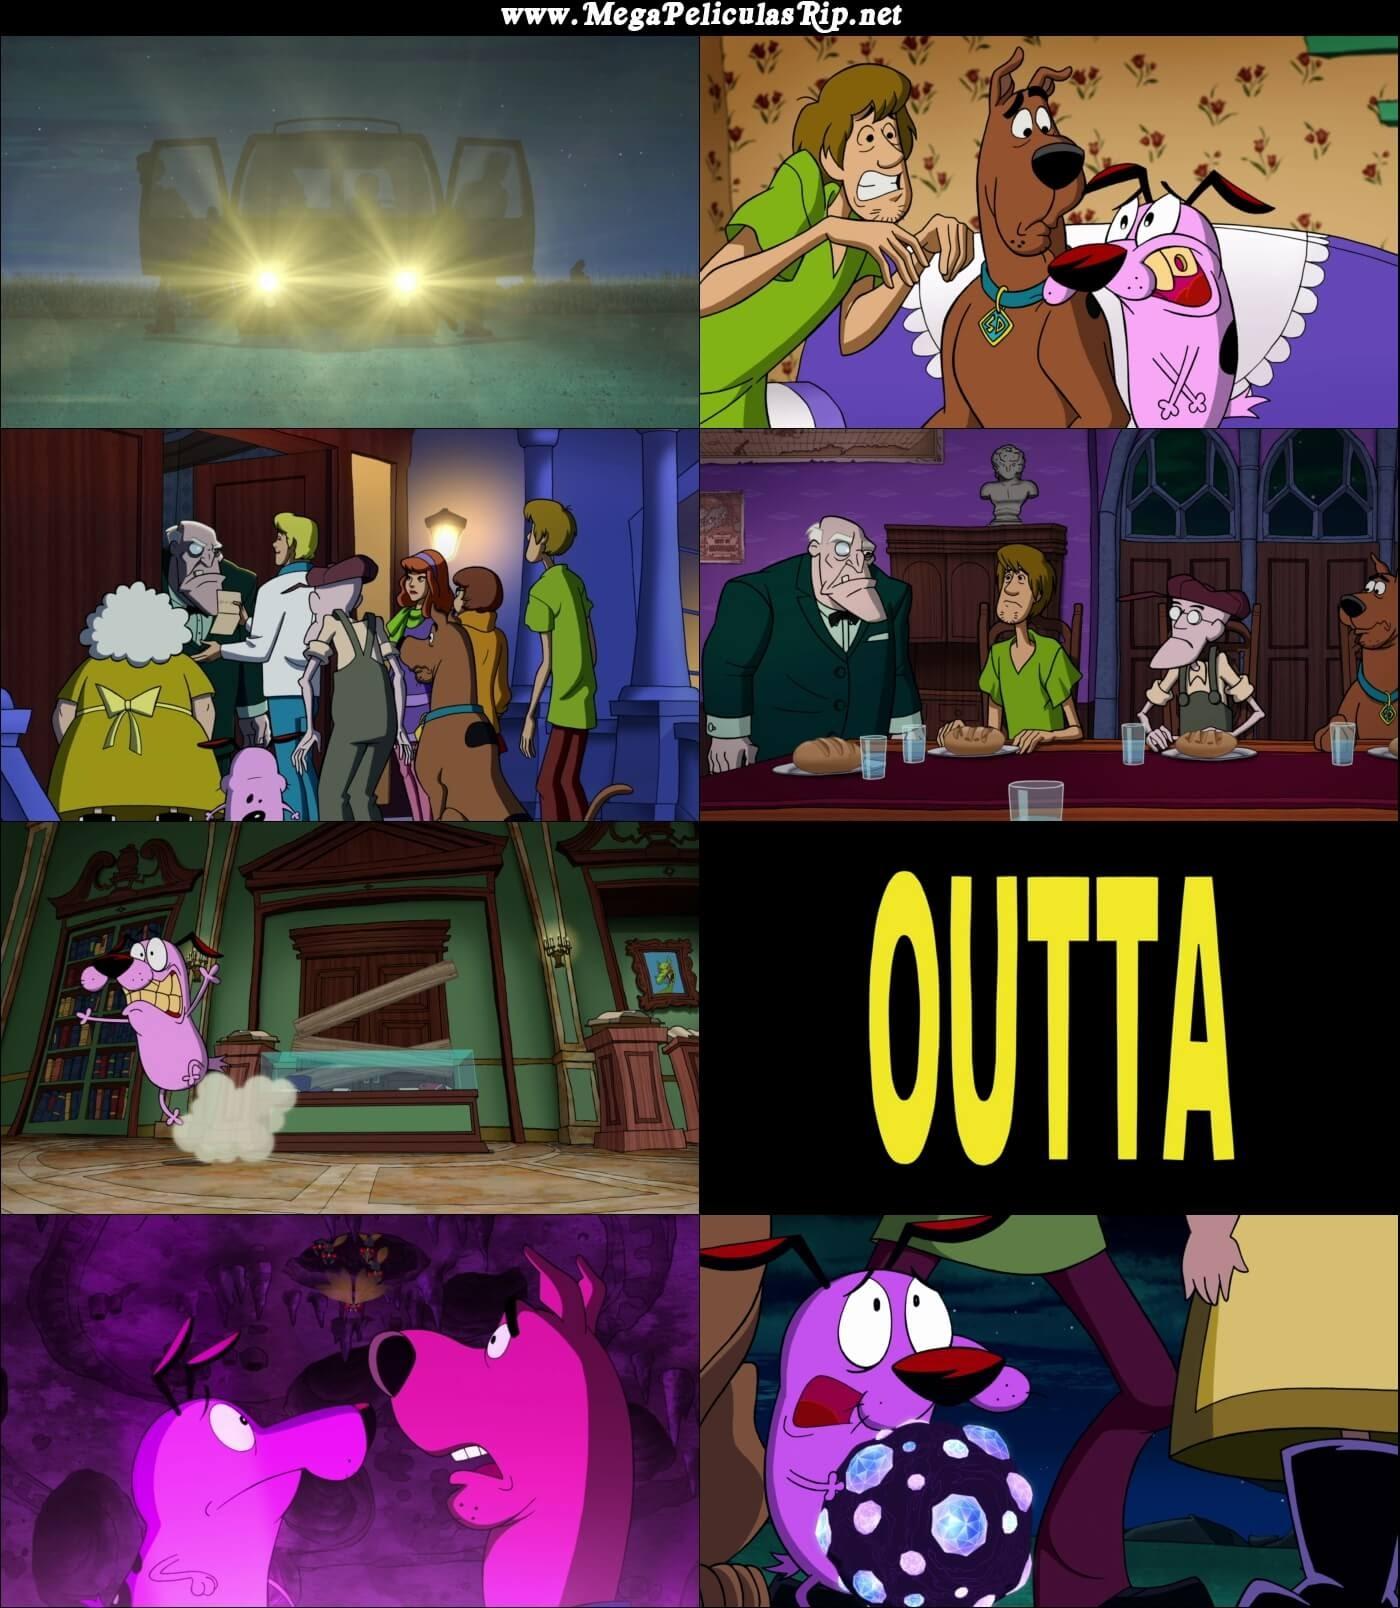 De La Nada Scooby Doo Conoce A Coraje El Perro Cobarde 1080p Latino